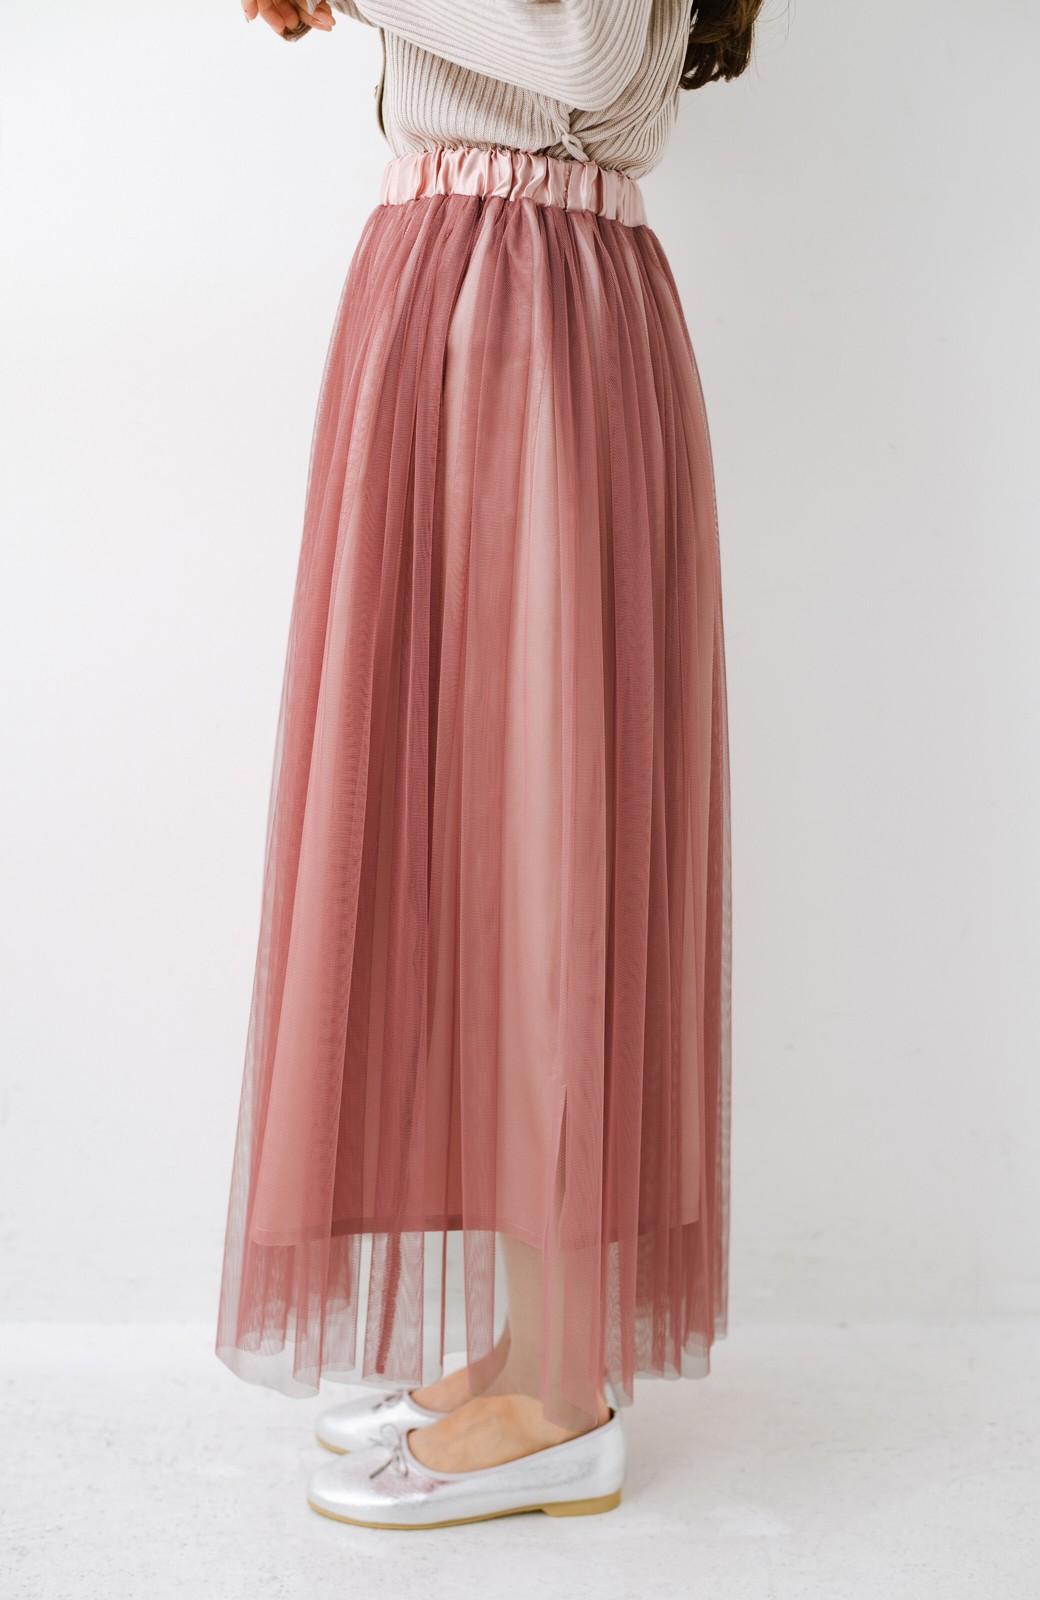 haco! 着るだけでルンとした気分になる! 長ーーい季節着られてずっと使えるオトナのためのチュールスカート <ピンク>の商品写真13